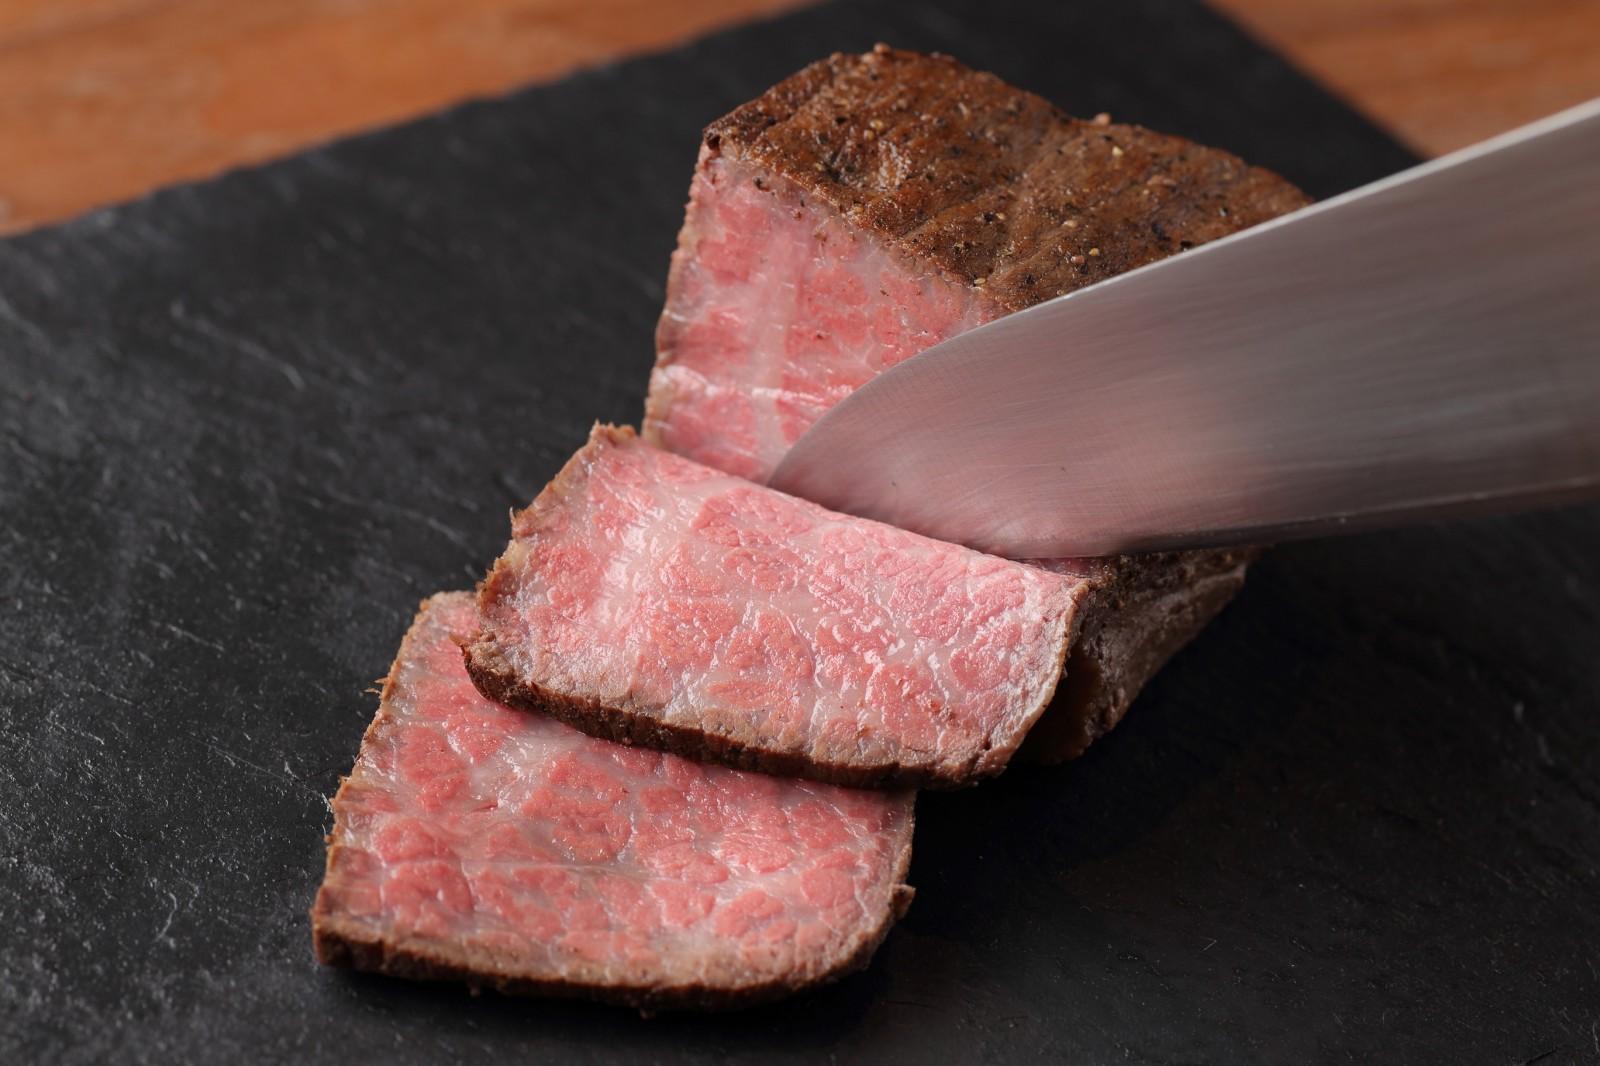 「スッキリ」で紹介されたプレミアム冷凍食品、おさらいです~ 良い素材、良い調理、間違いない!! 時空間を超越できるのが冷凍食品のメリット